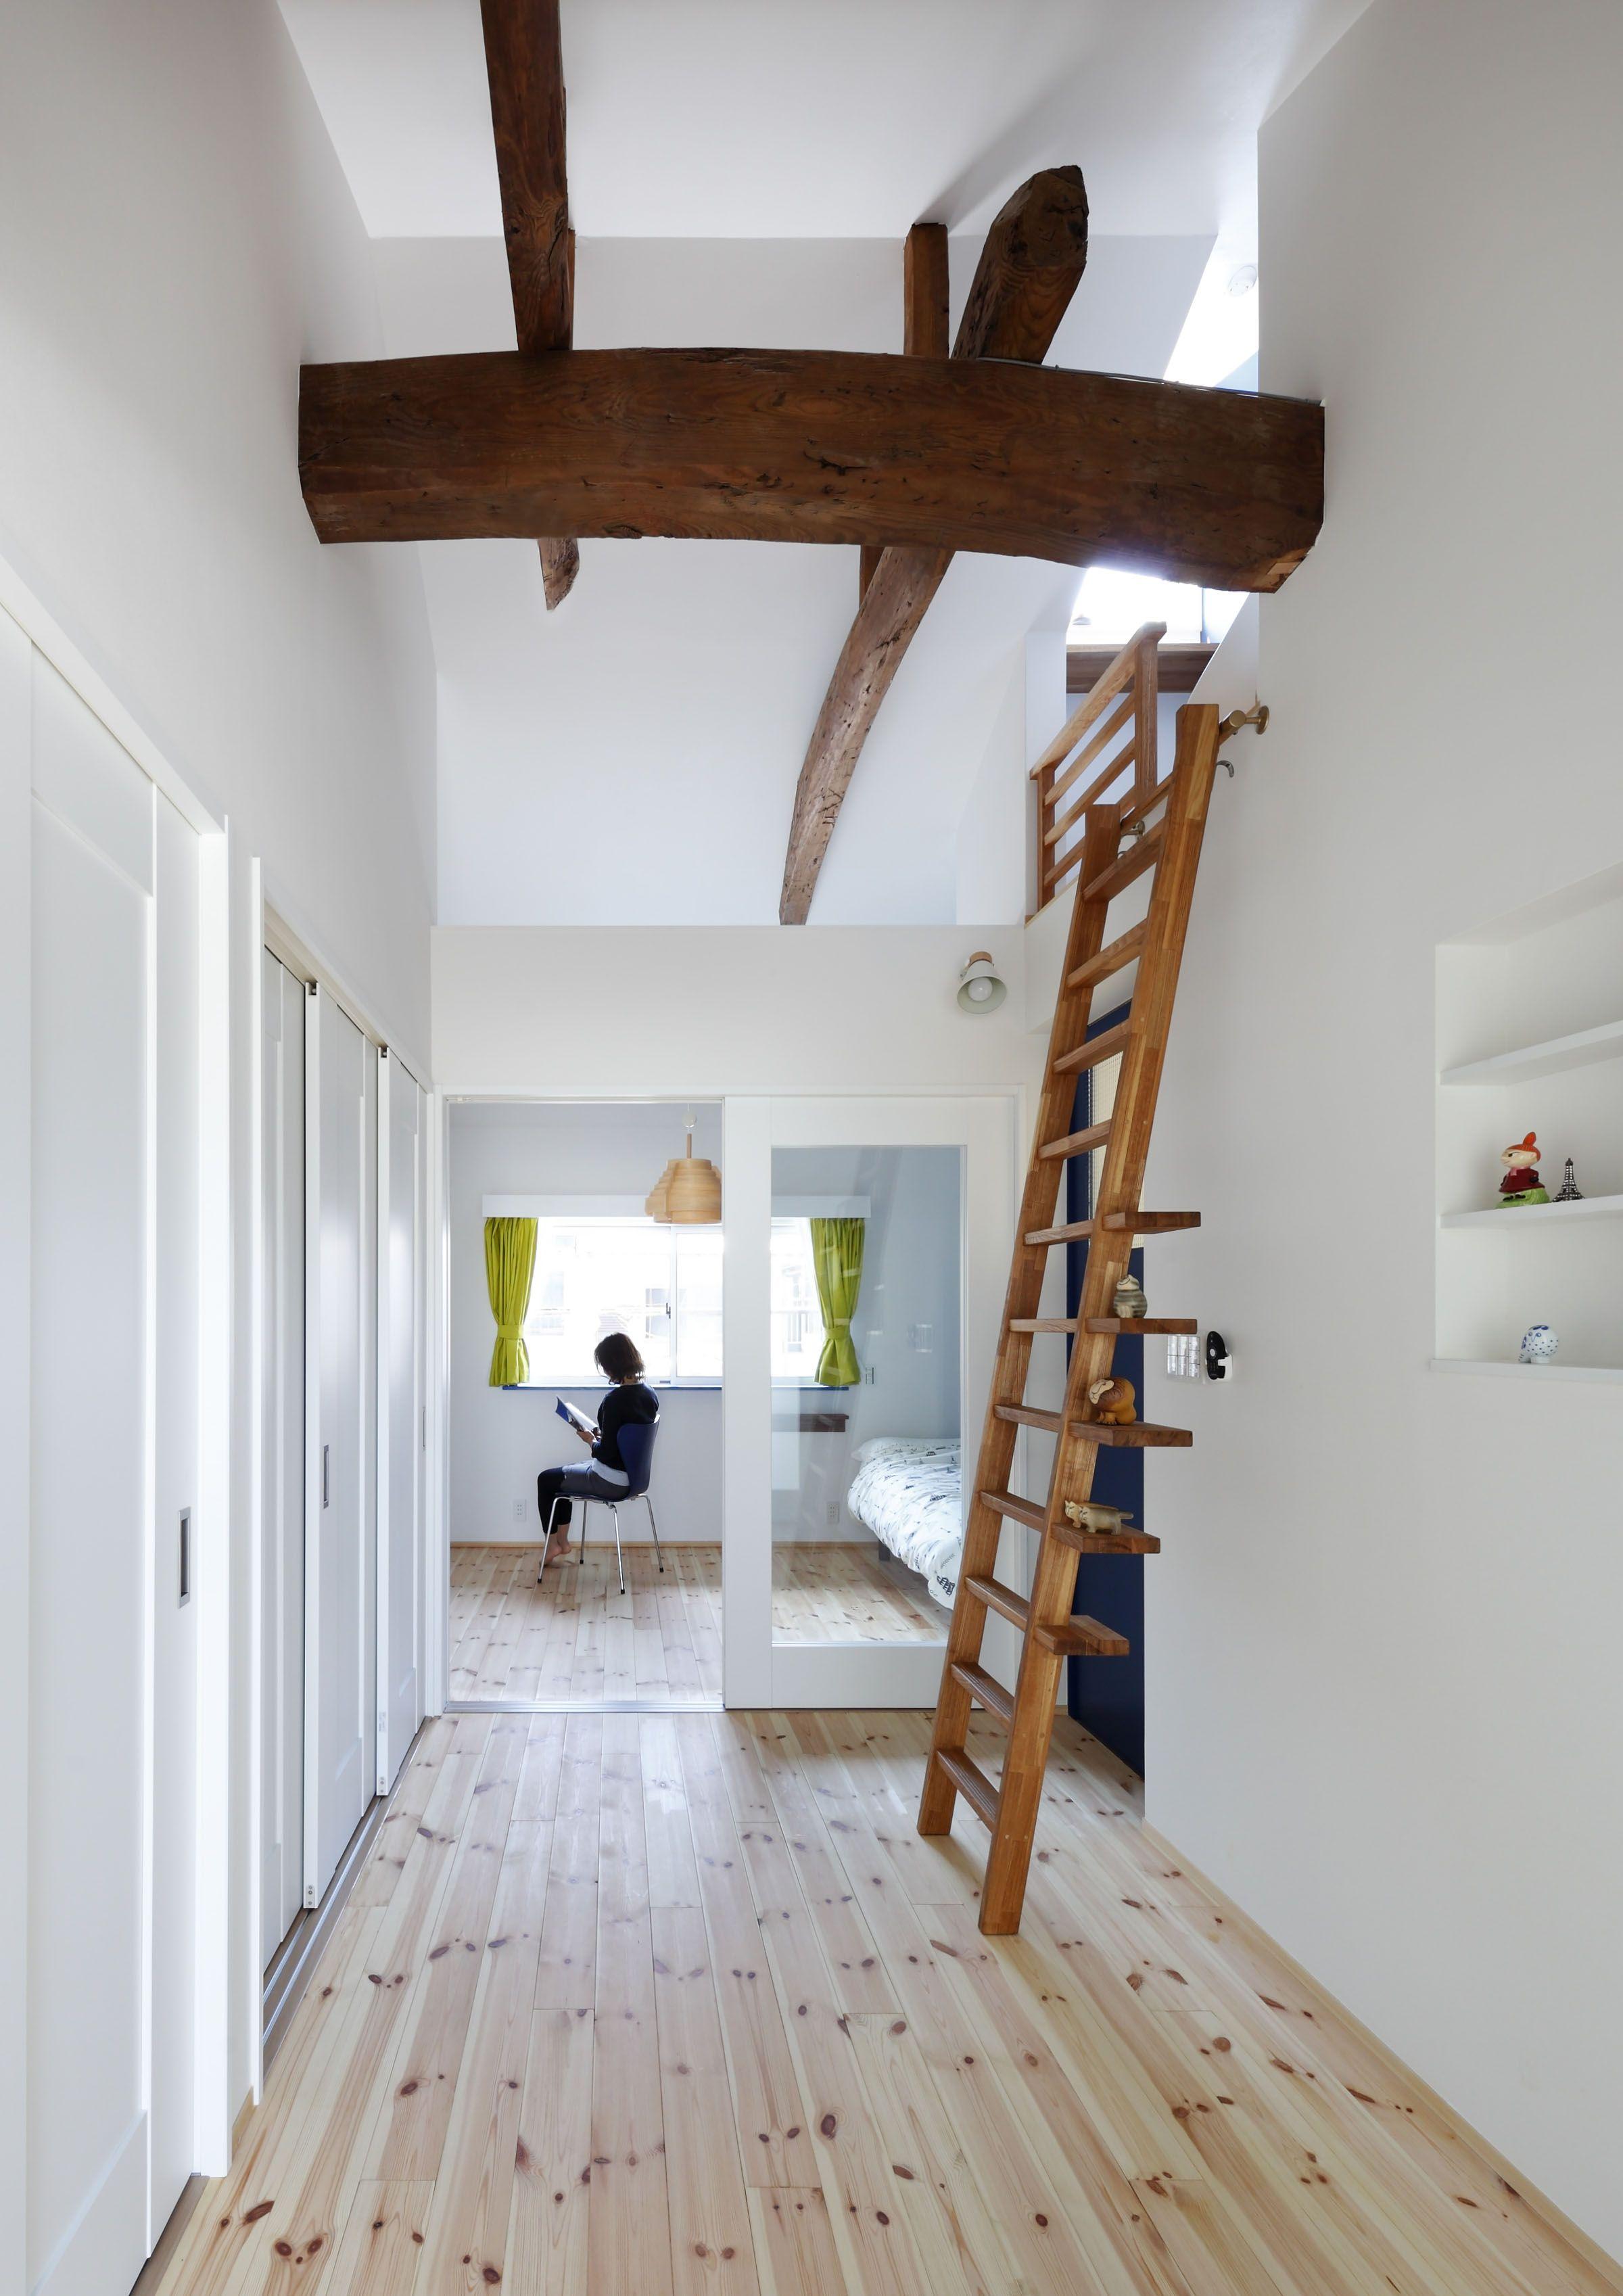 碧の家 画像あり リノベーション 家 リノベーション 建築家